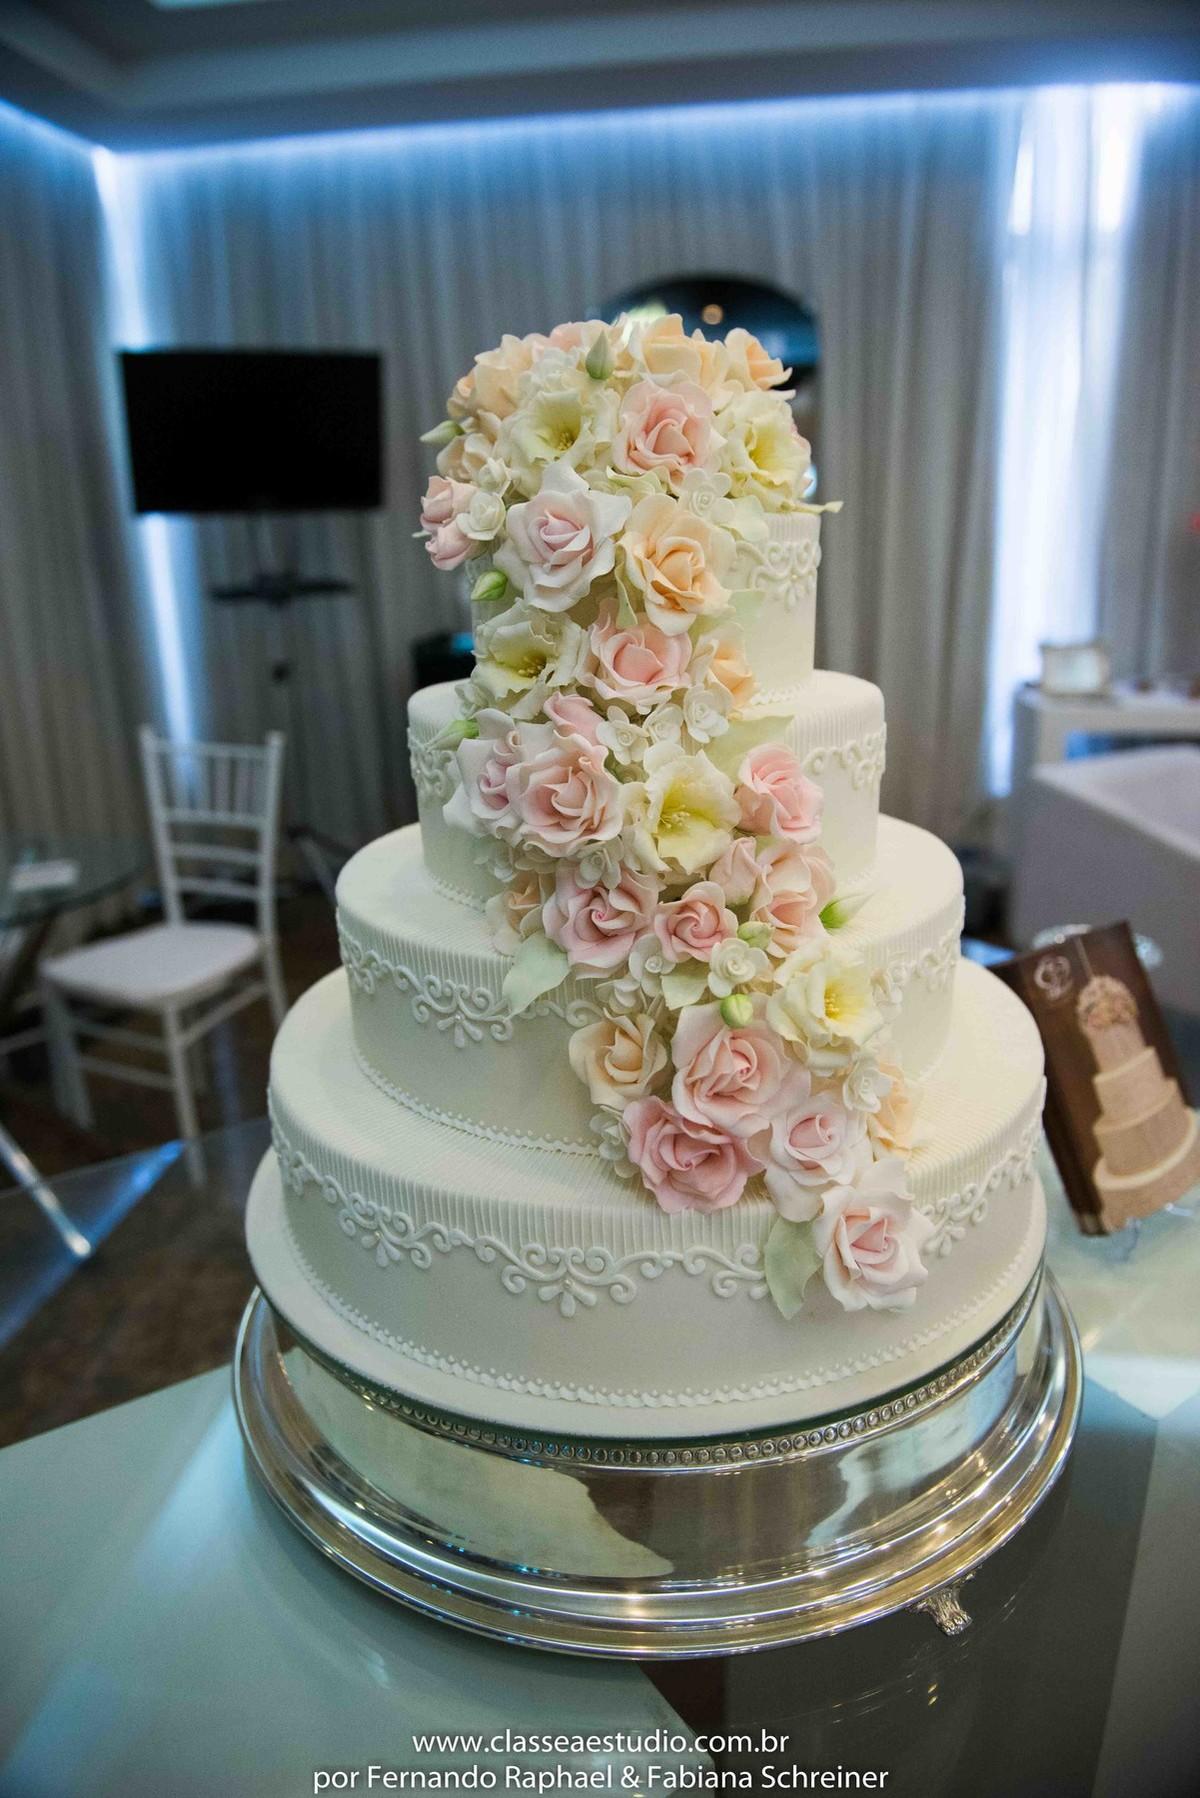 Lounge de Cassia Pereira bolos artísticos no salão de noivas e festas wedding day